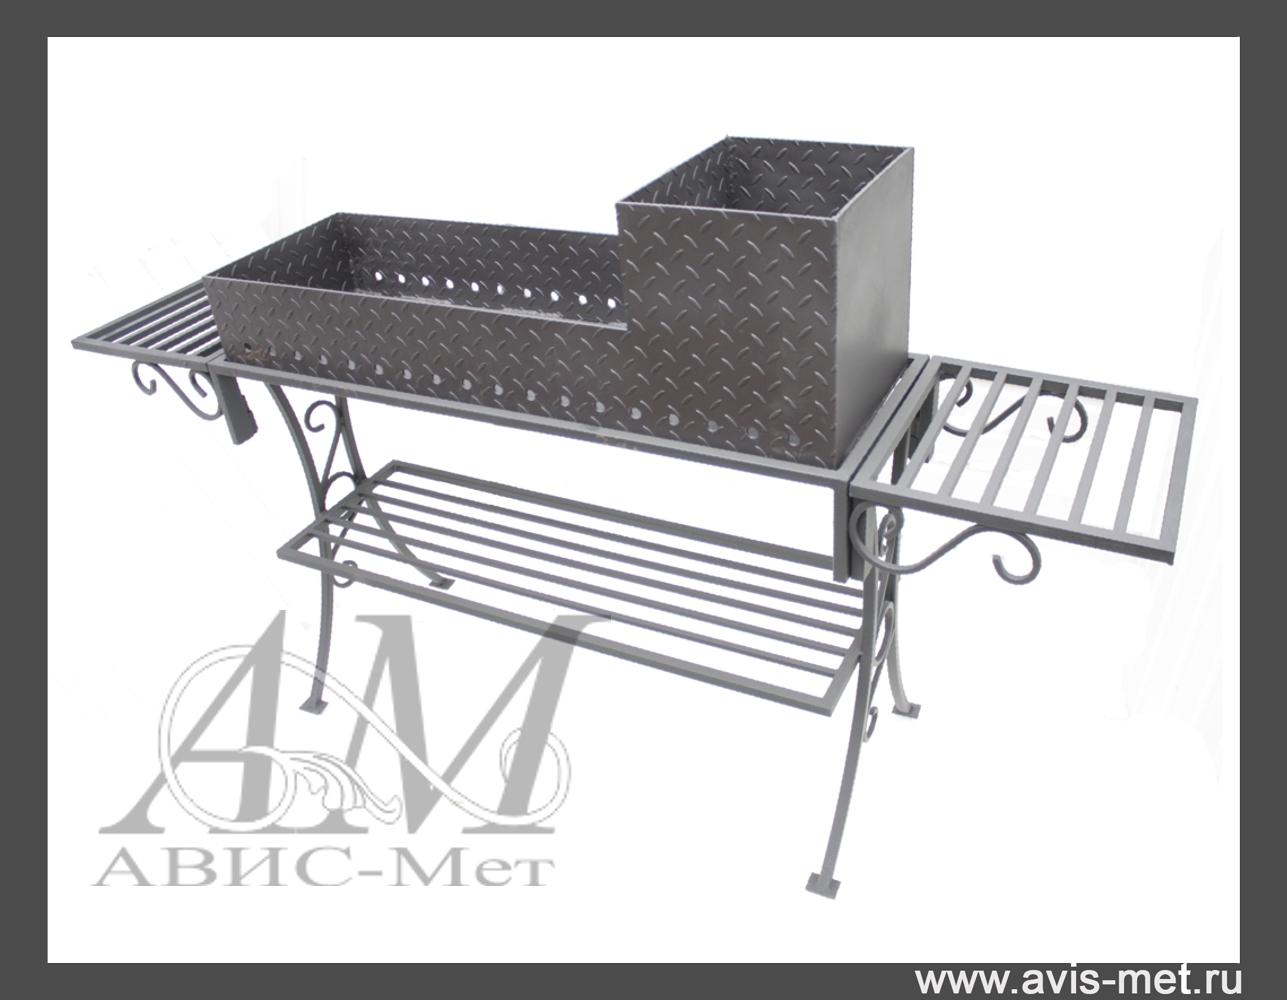 Раскладной мангал-чемодан и мангал-дипломат из металла 21